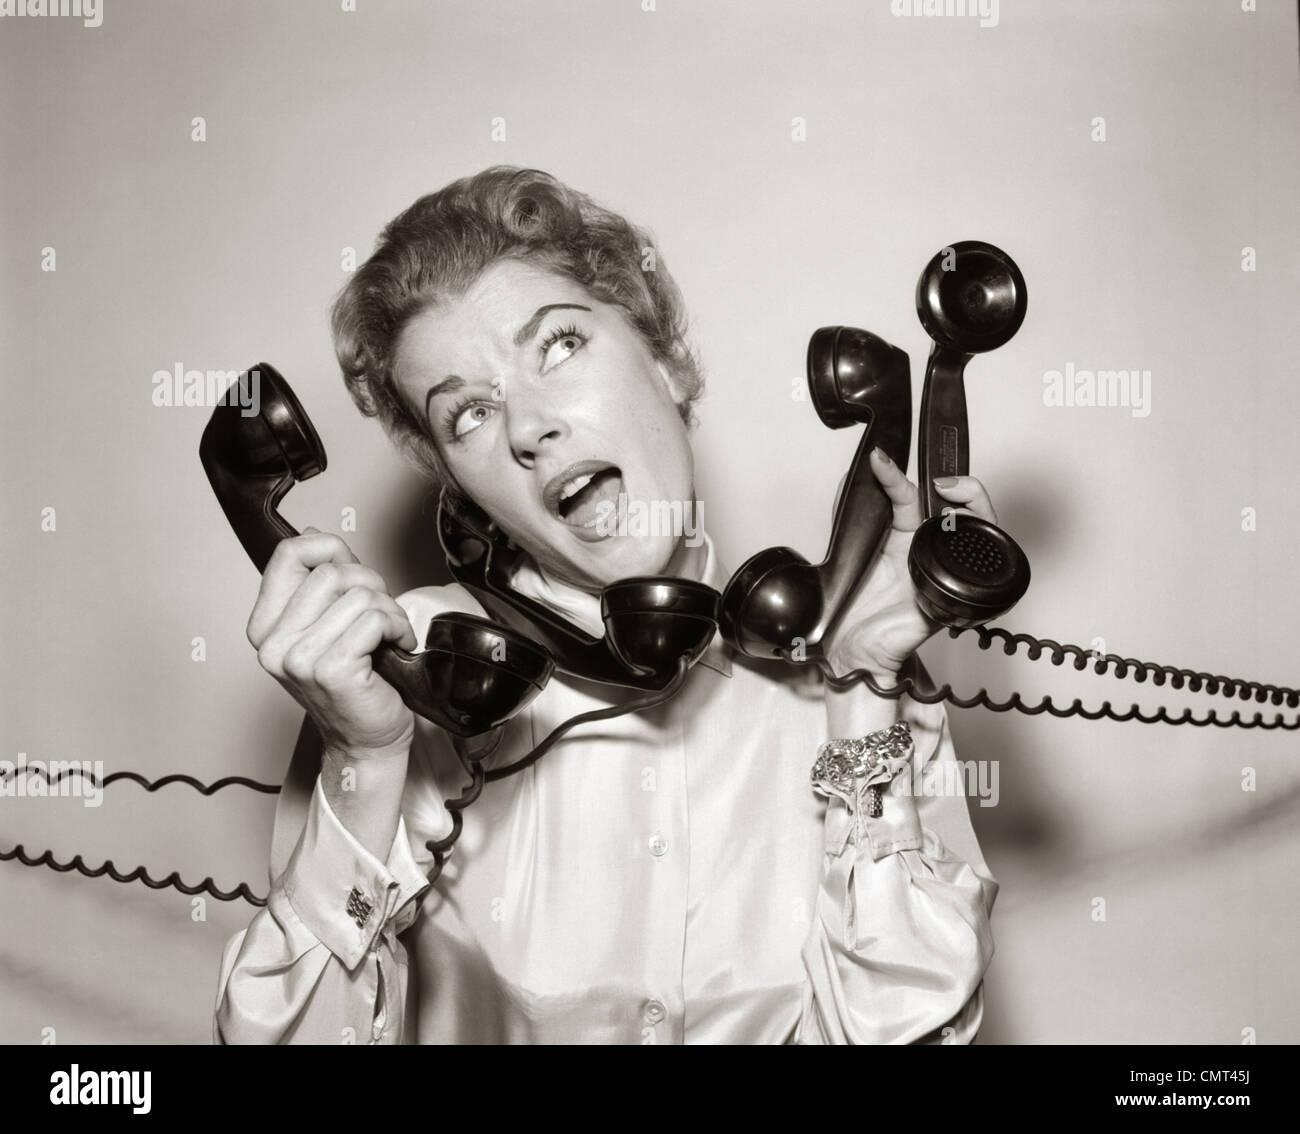 1950S 1960S ÜBERWÄLTIGT BETONTE FRAU MIT BEANTWORTUNG VIER SCHWARZE TELEFON TELEFON EMPFÄNGER GLEICHZEITIG Stockbild